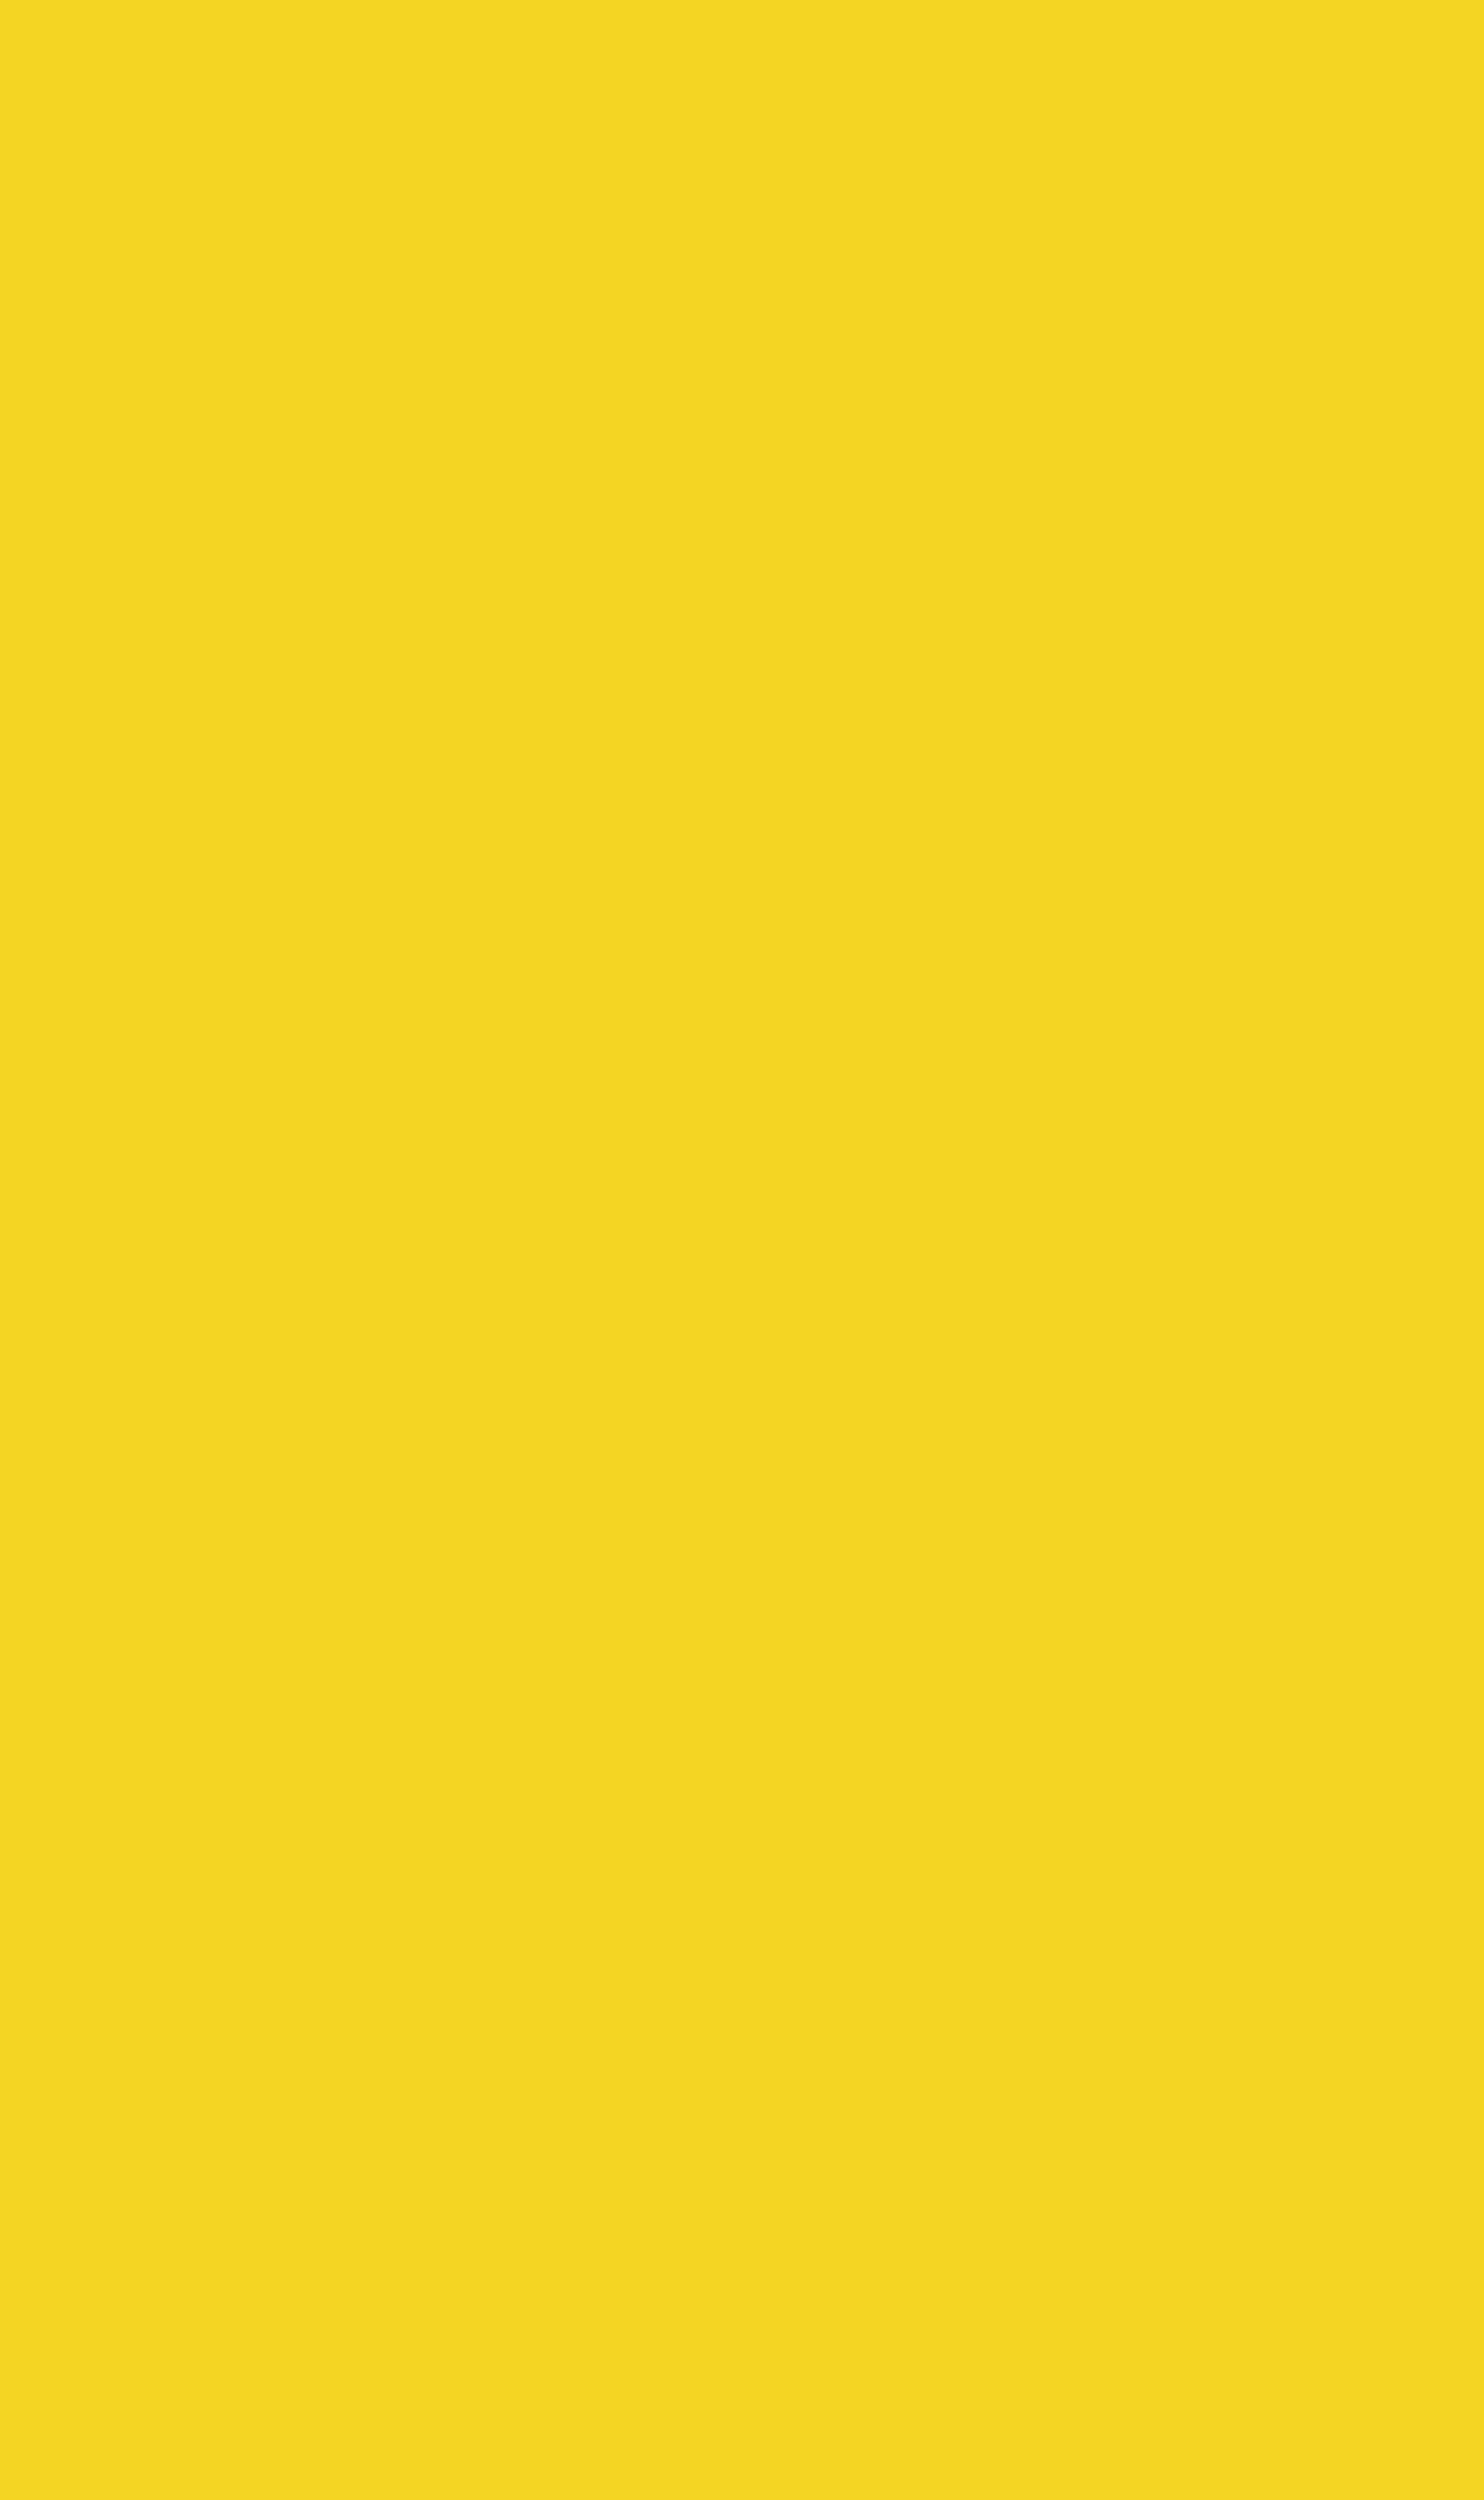 fond jaune  jaune  arri u00e8re plan  ordinaire image de fond